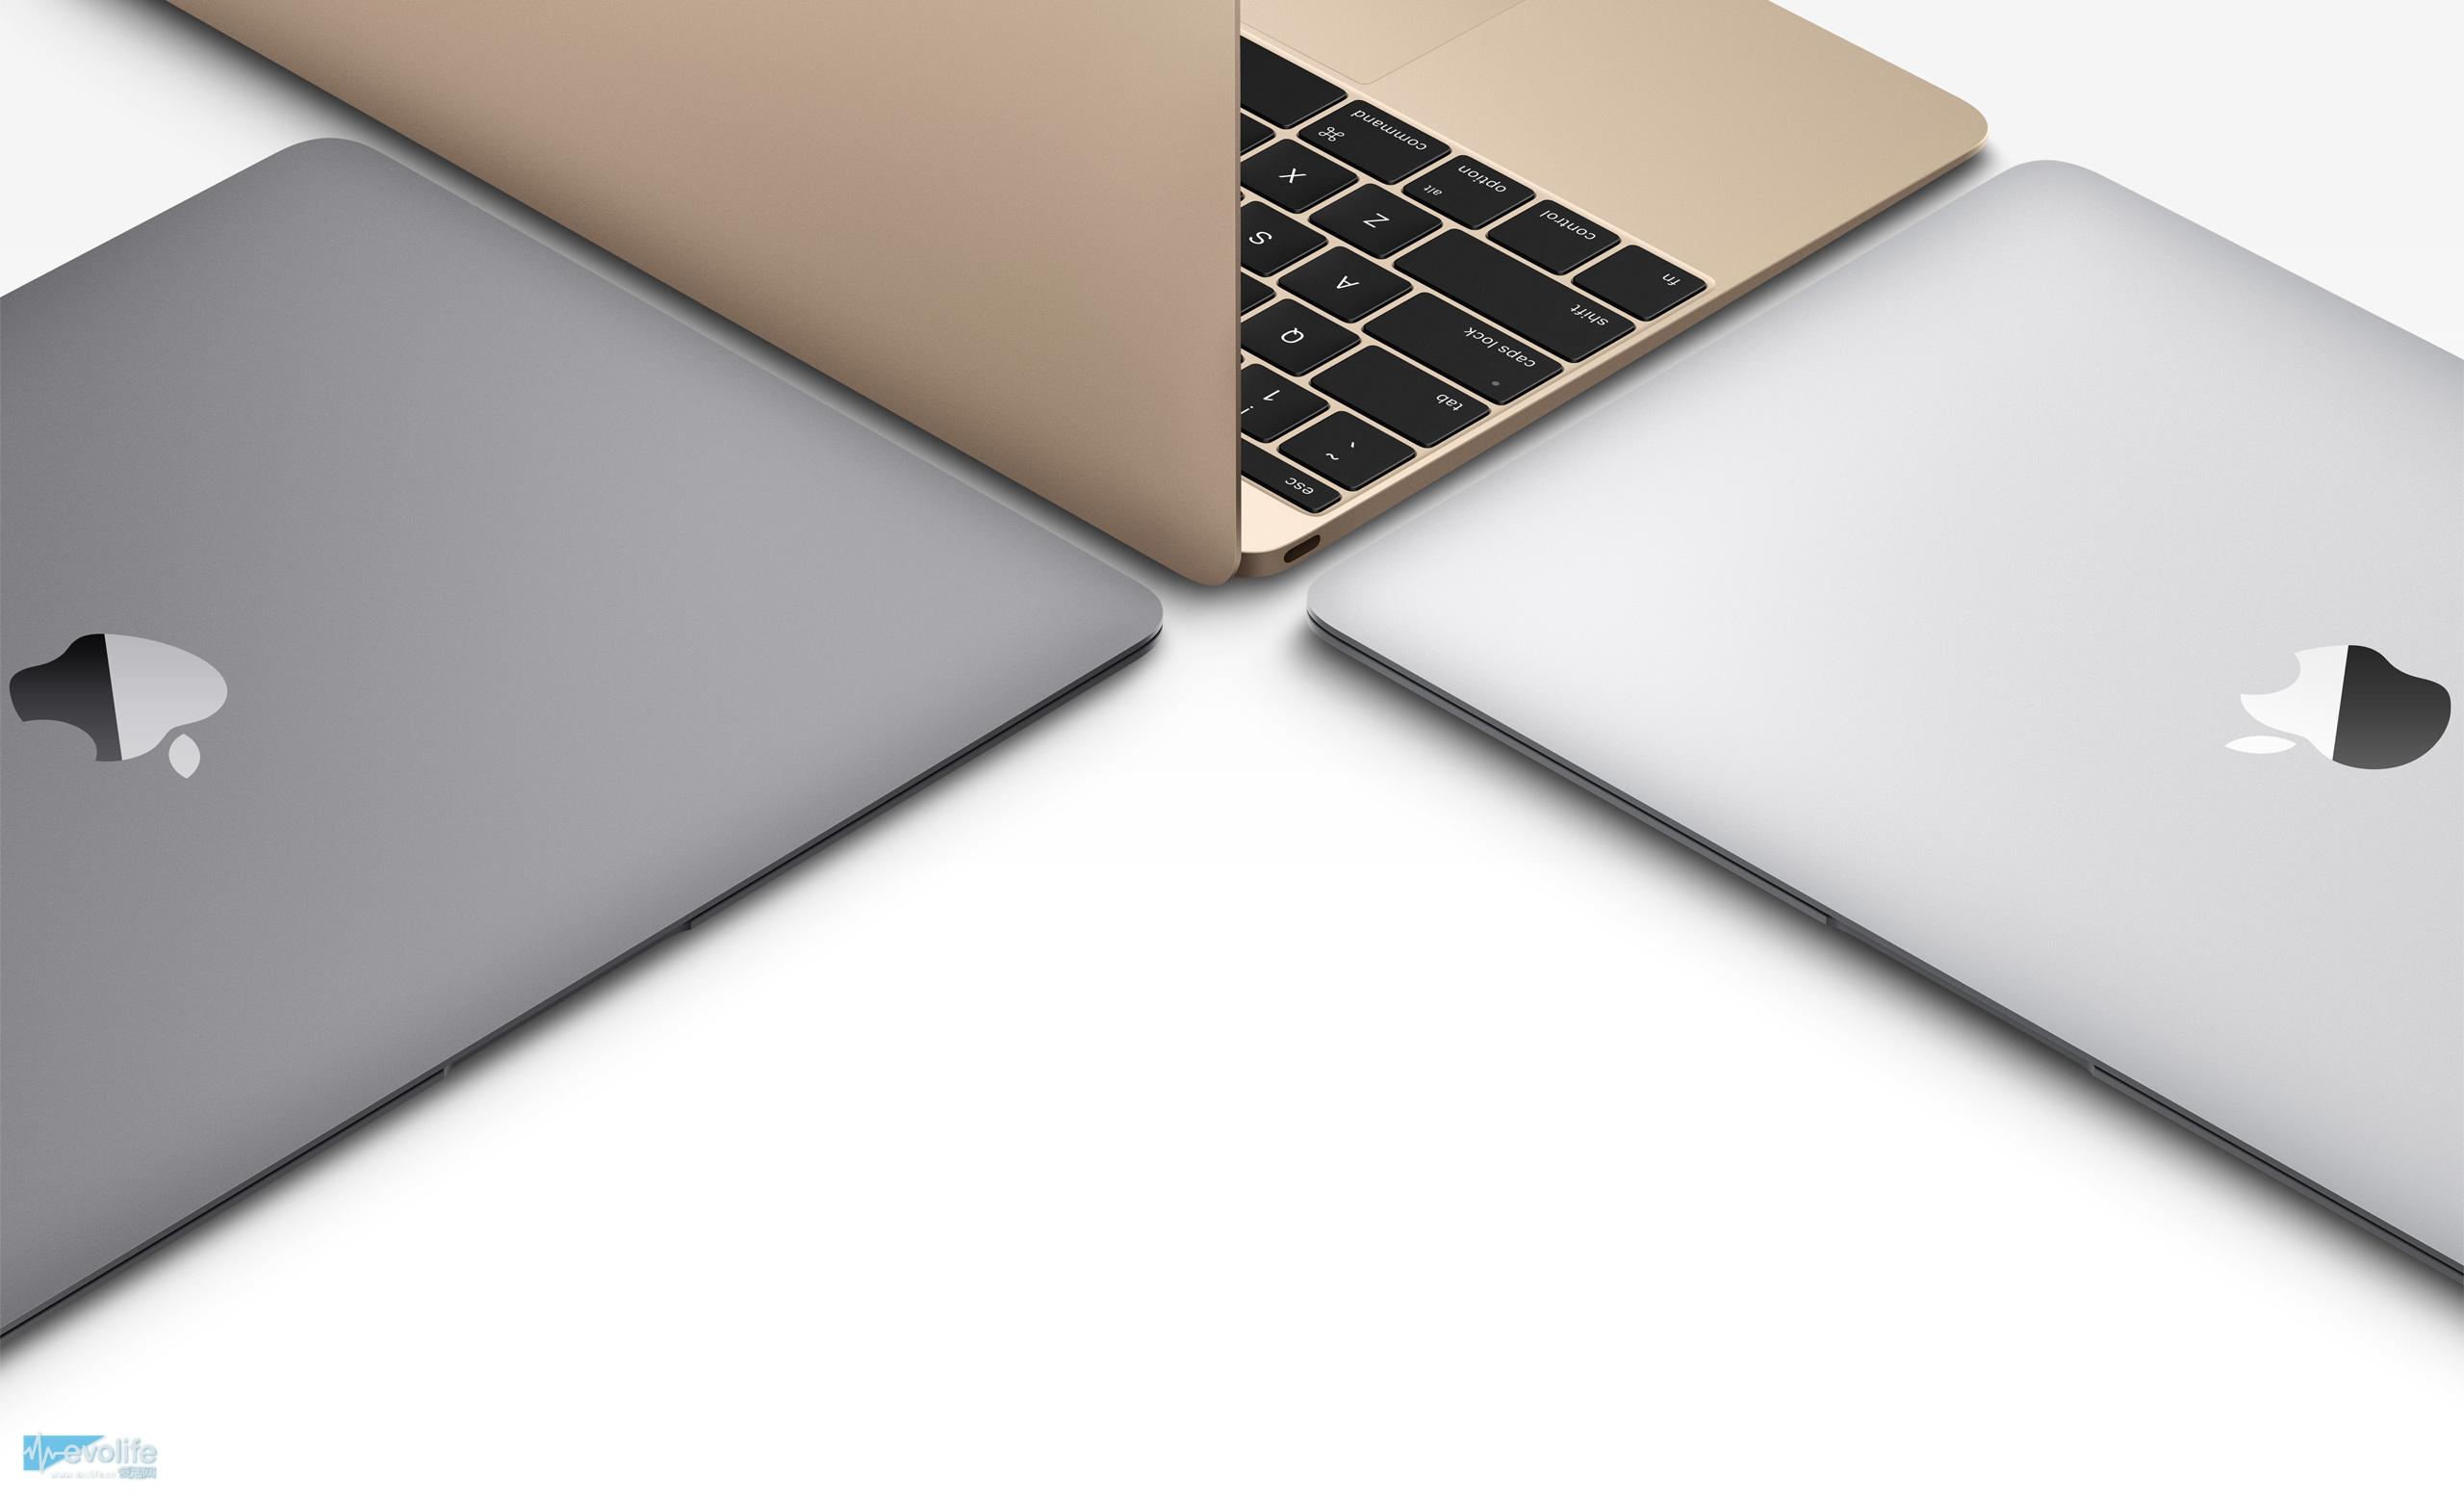 MacBook新技术:存储速度飙升千倍!